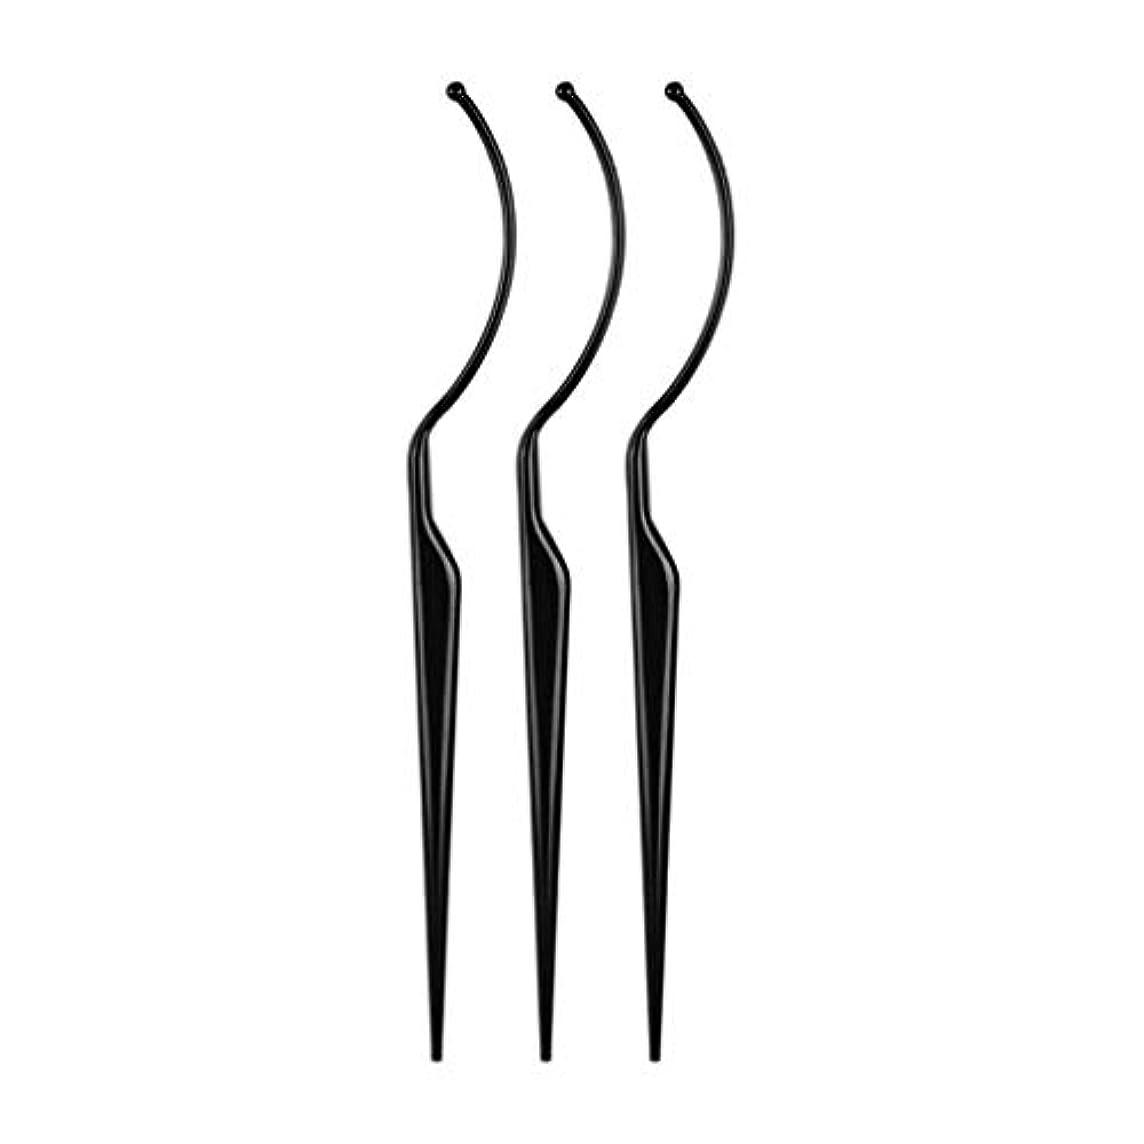 剪断帰るミッションまつげ ディスプレイ まつげ エクステンション ピンセット つけまつげ専用ピンセット 耐久性 軽量 全2色 - ブラック